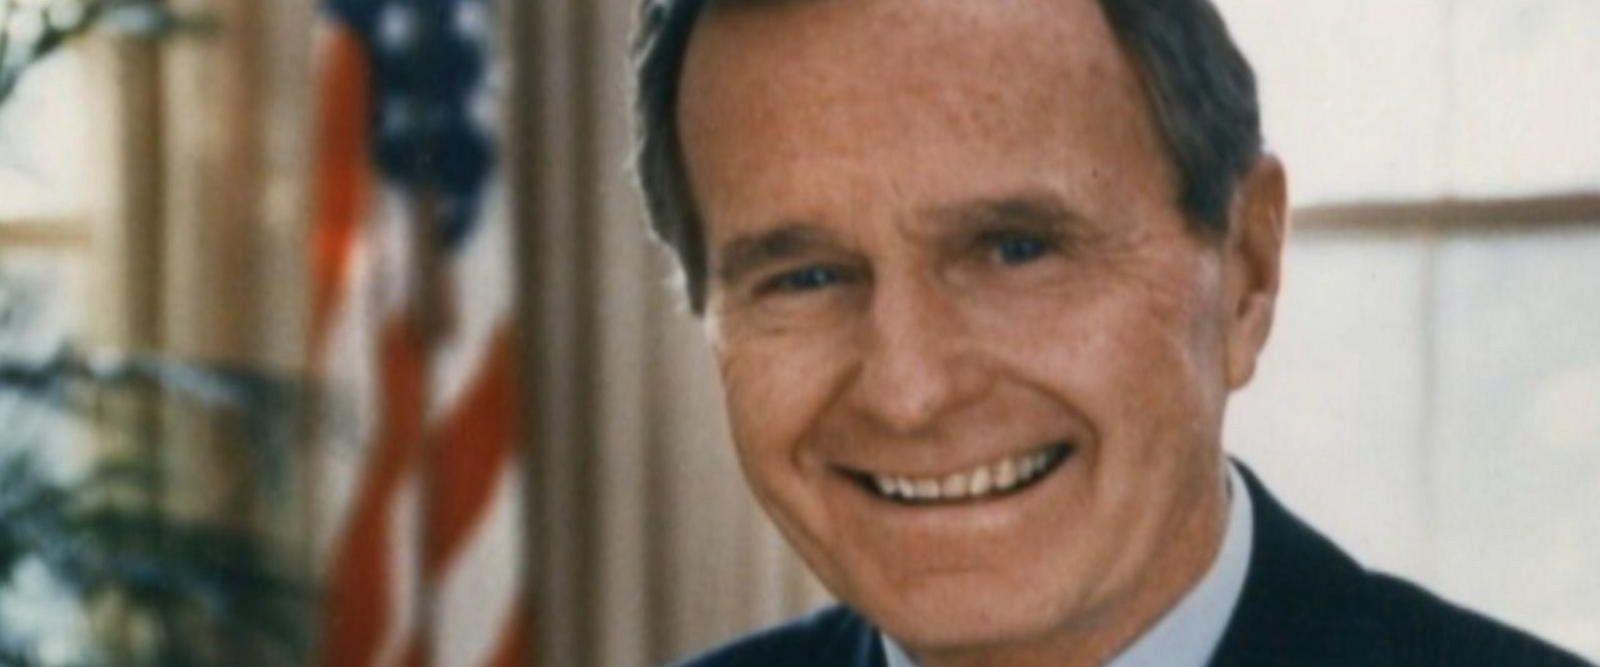 VIDEO: George H.W. Bush: In a Minute